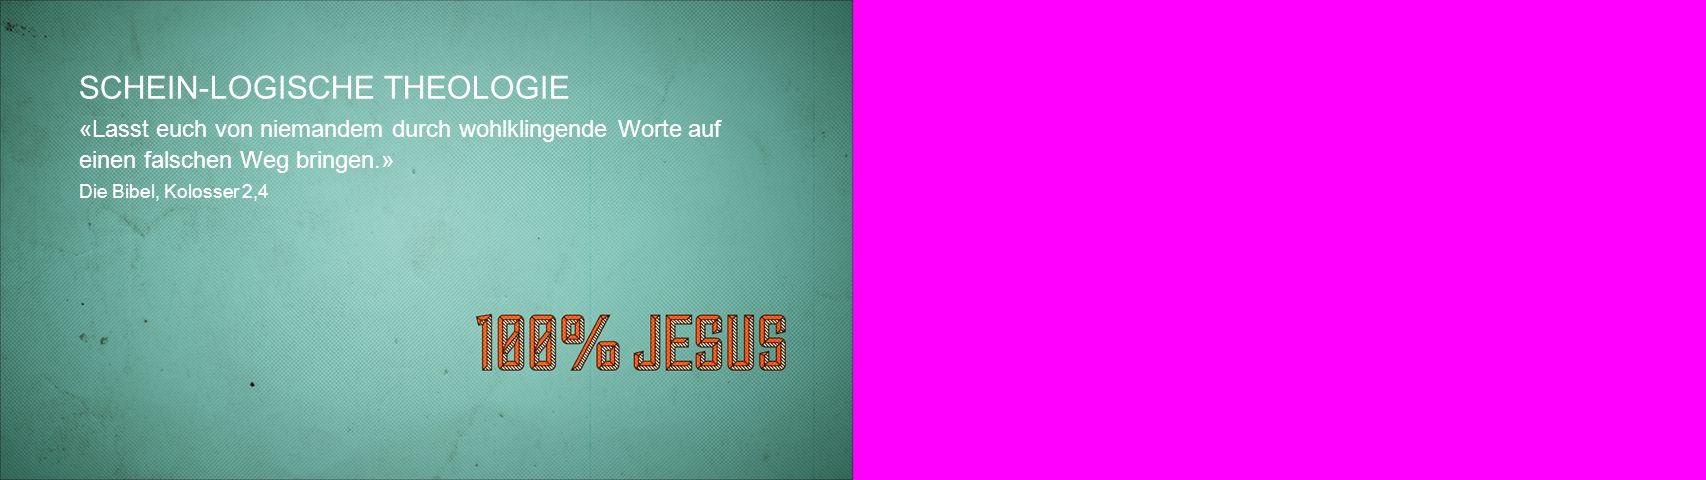 SCHEIN-LOGISCHE THEOLOGIE «Lasst euch von niemandem durch wohlklingende Worte auf einen falschen Weg bringen.» Die Bibel, Kolosser 2,4